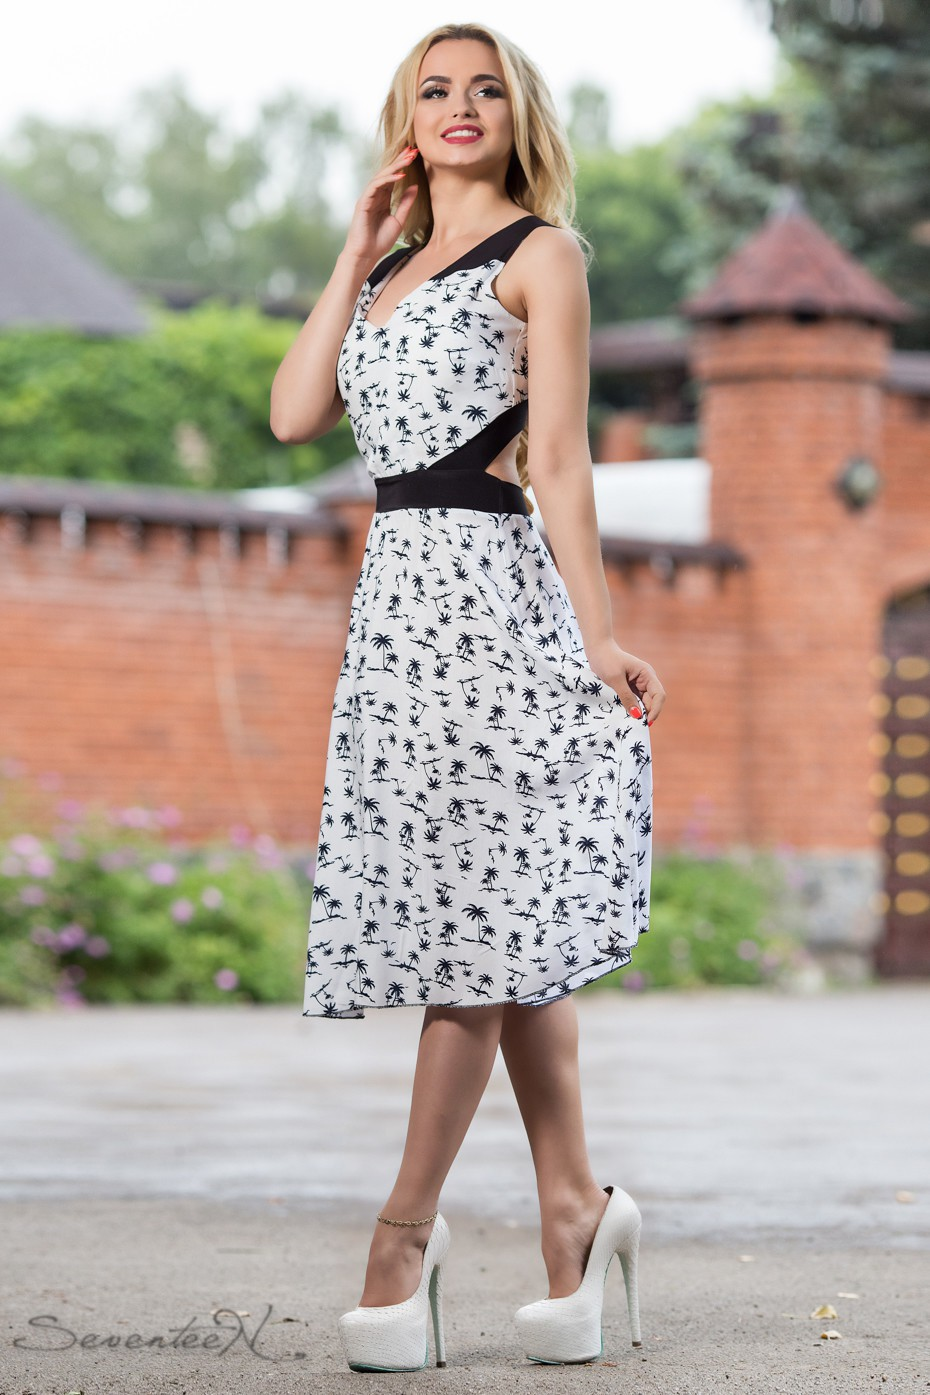 Женская одежда, полная обаяния и очарования. Летние новинки!